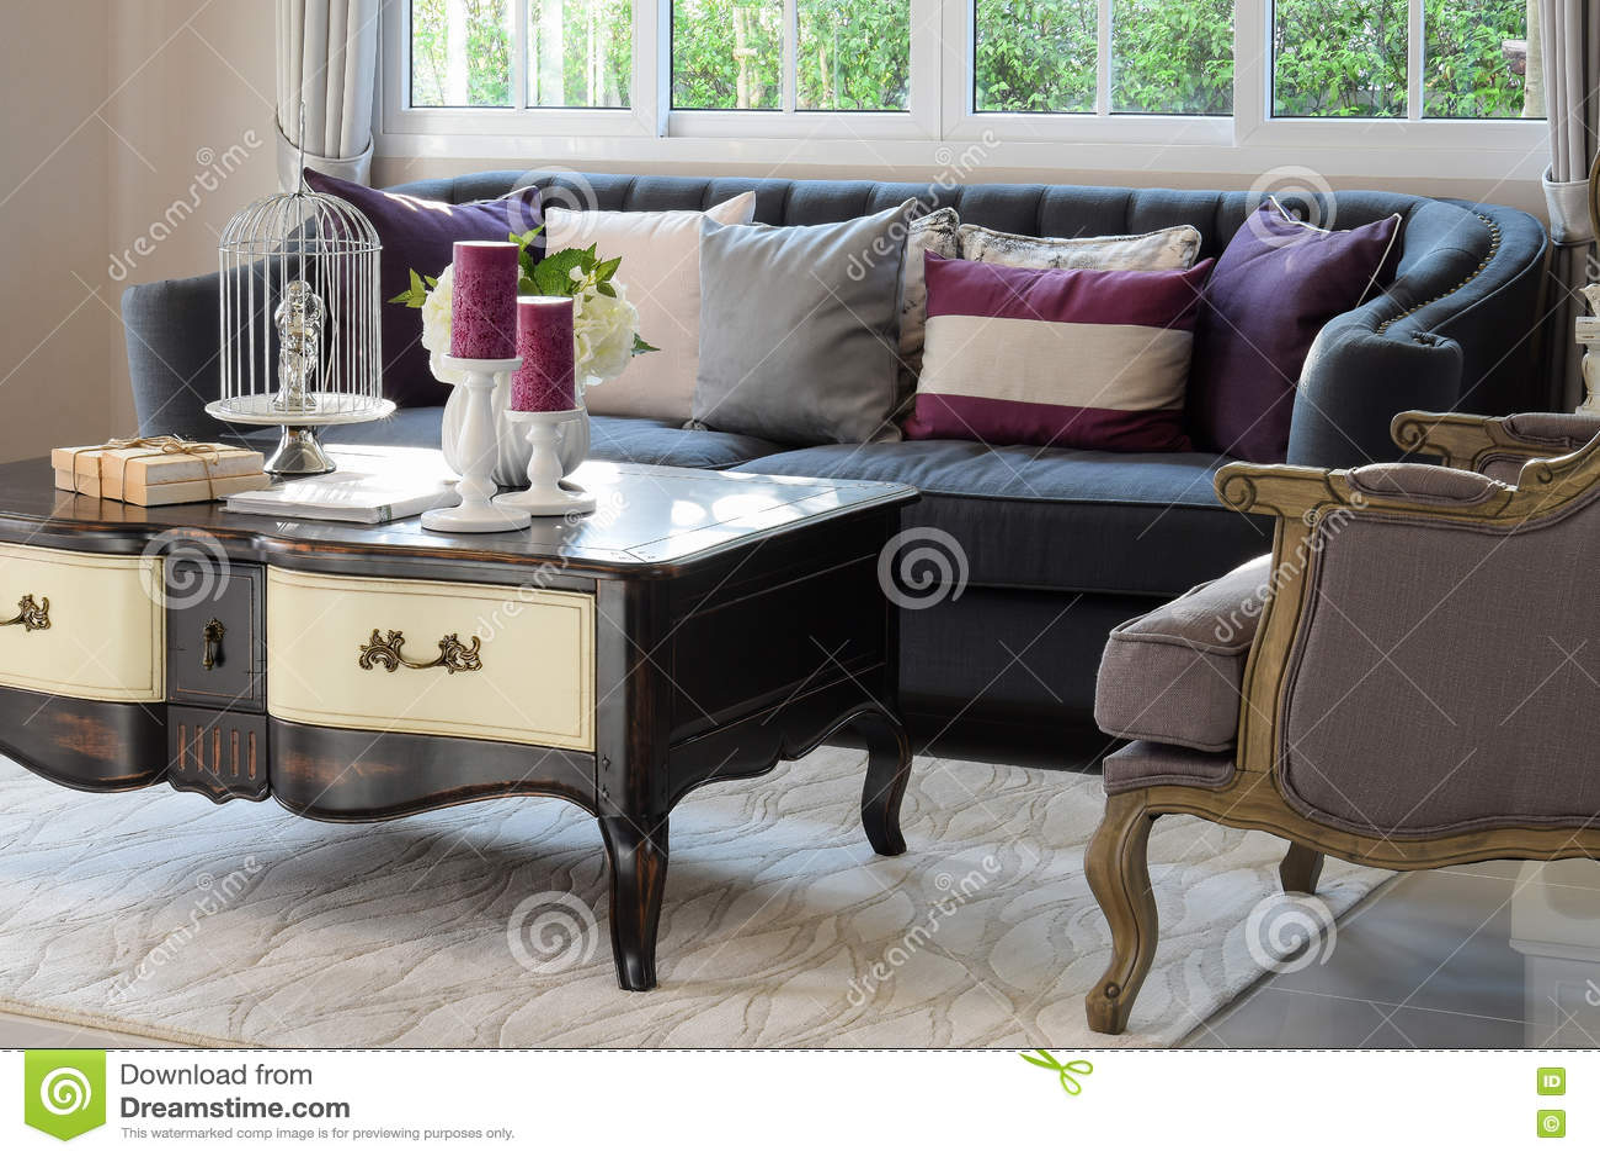 Lyxig vardagsrum med den klassiska soffan och fåtöljen arkivfoto ...